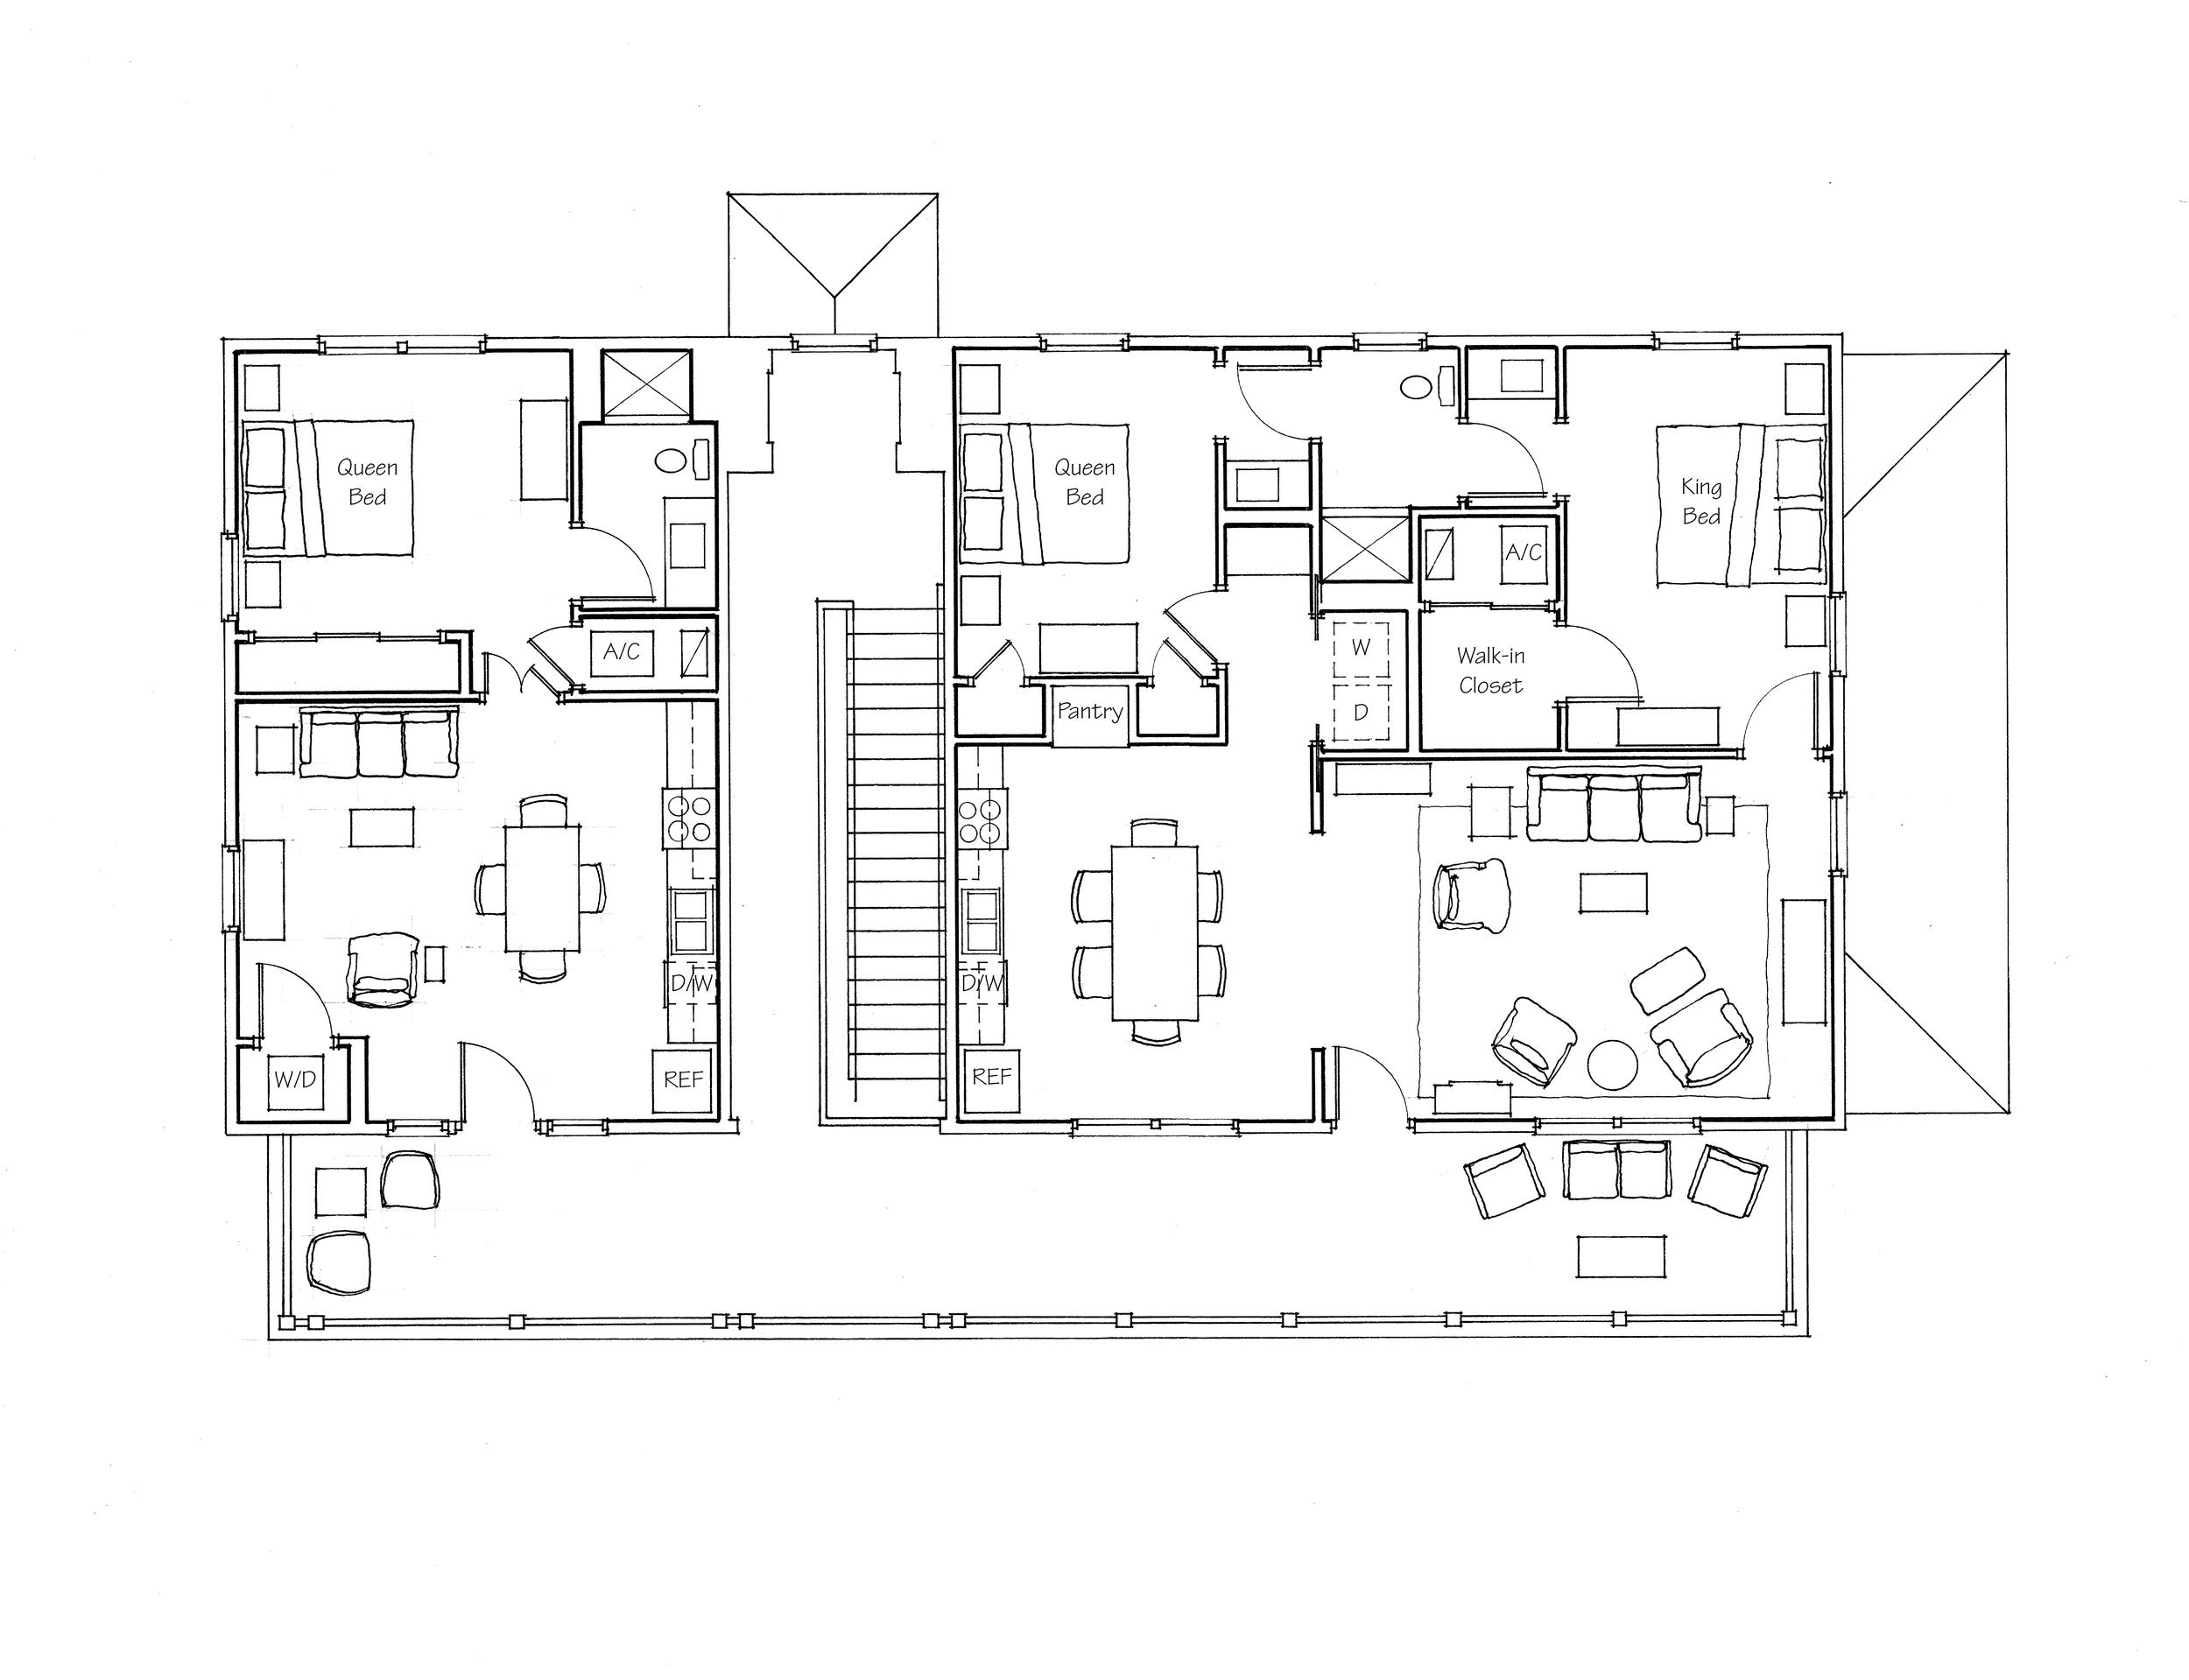 208 W. 22nd St. - 2nd Floor